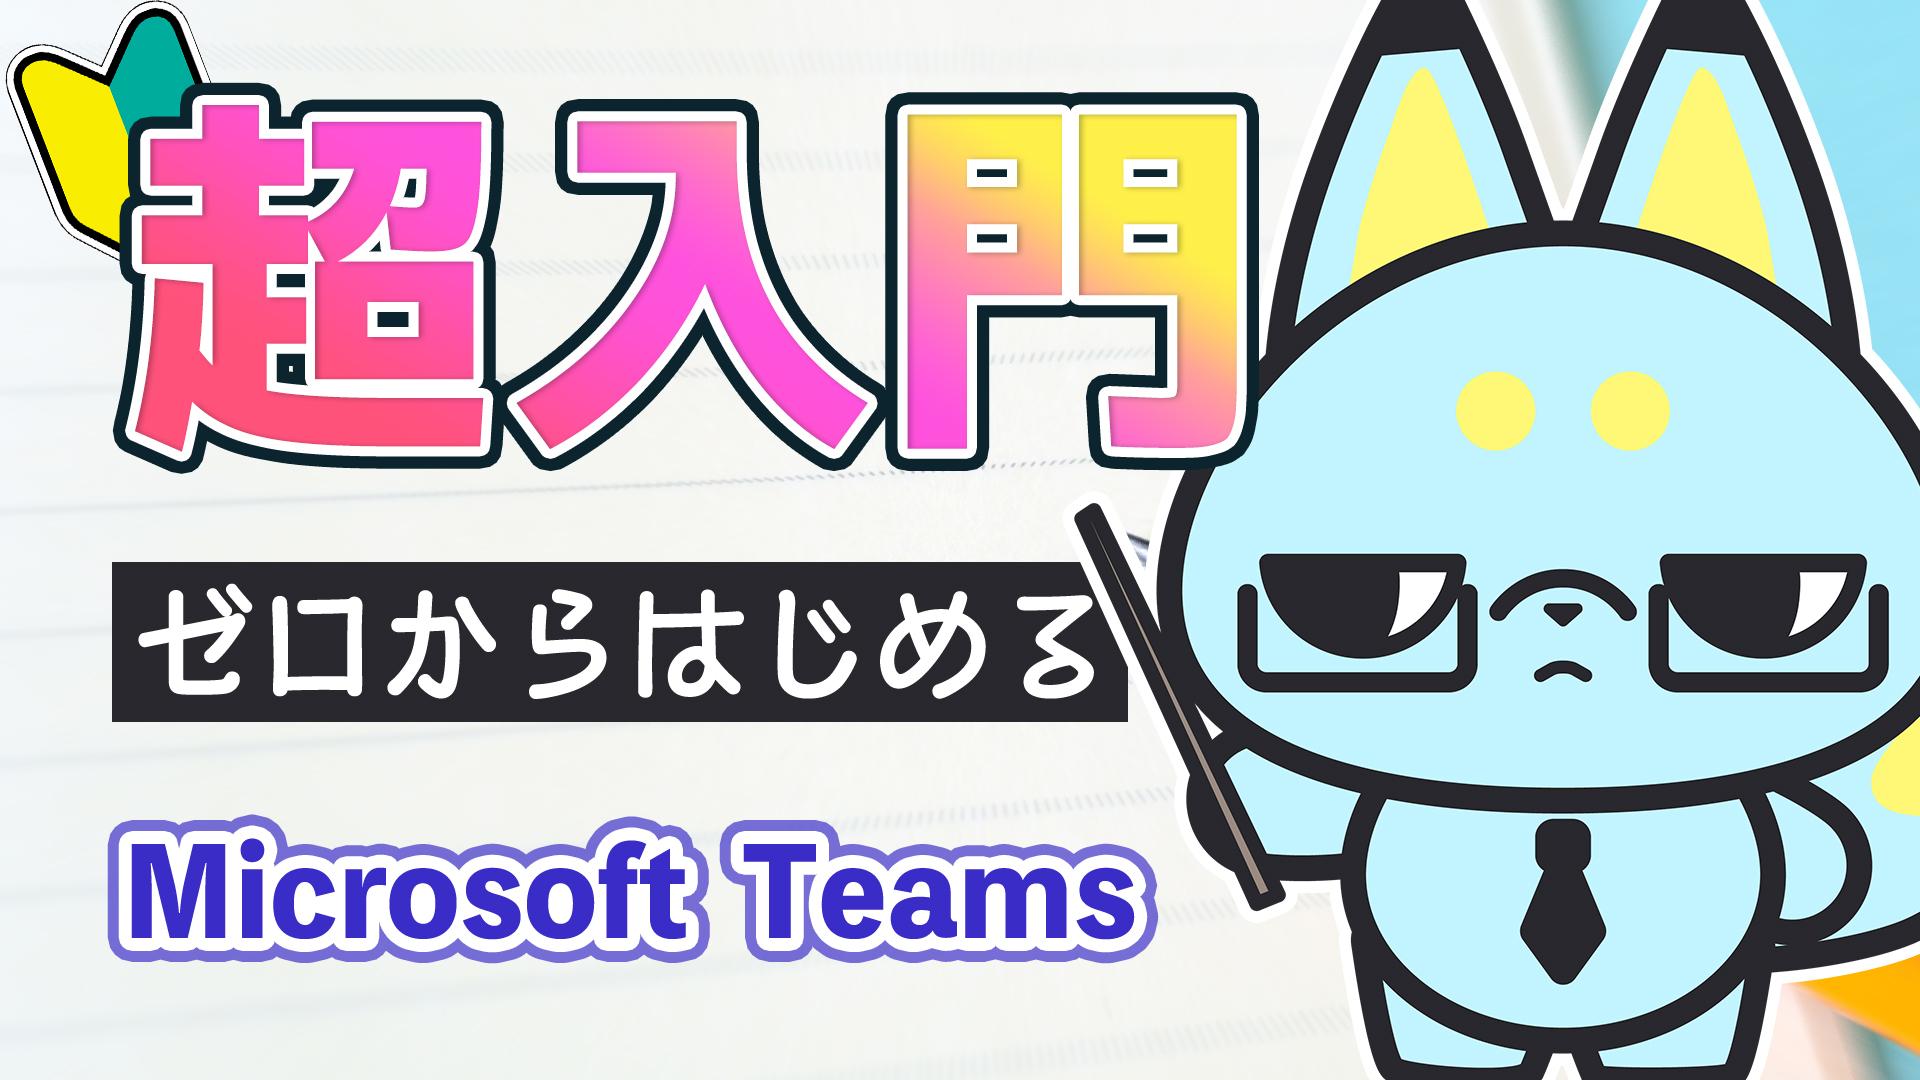 【動画】チャット&音声通話【Teams】